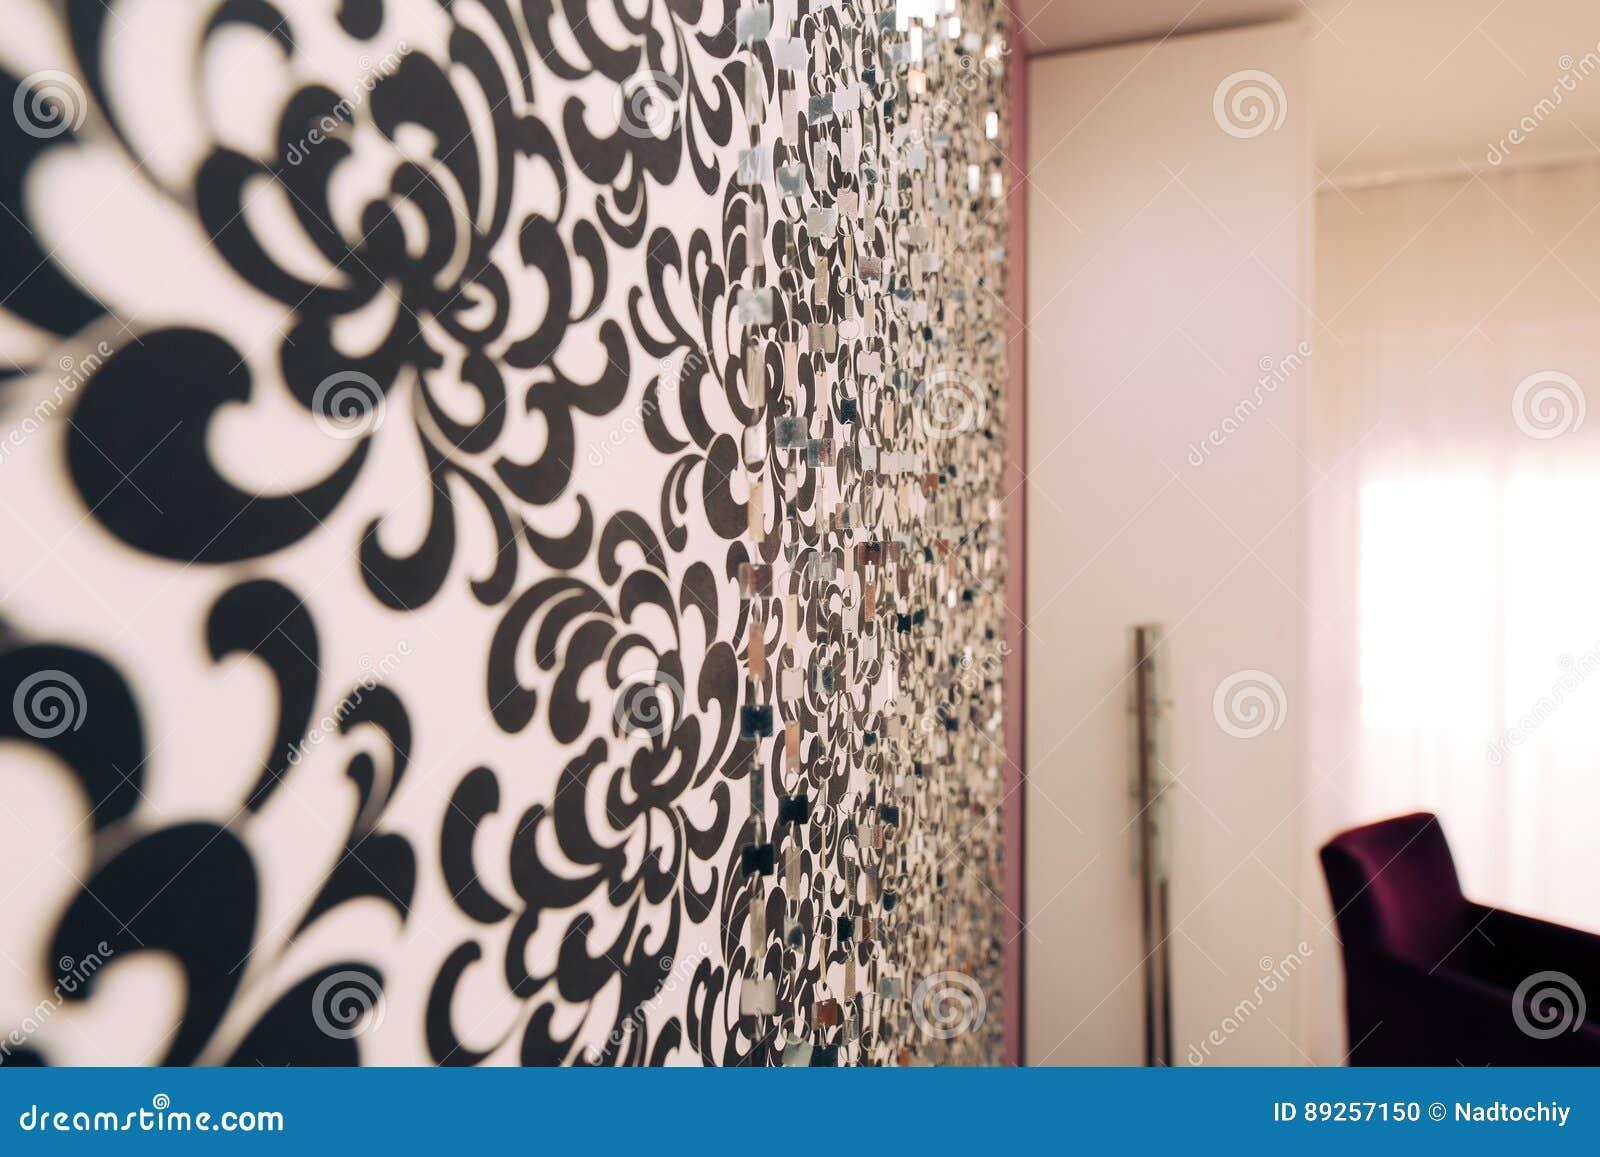 Pareti Con Foto In Bianco E Nero : Carta da parati in bianco e nero con l ornamento sulla parete